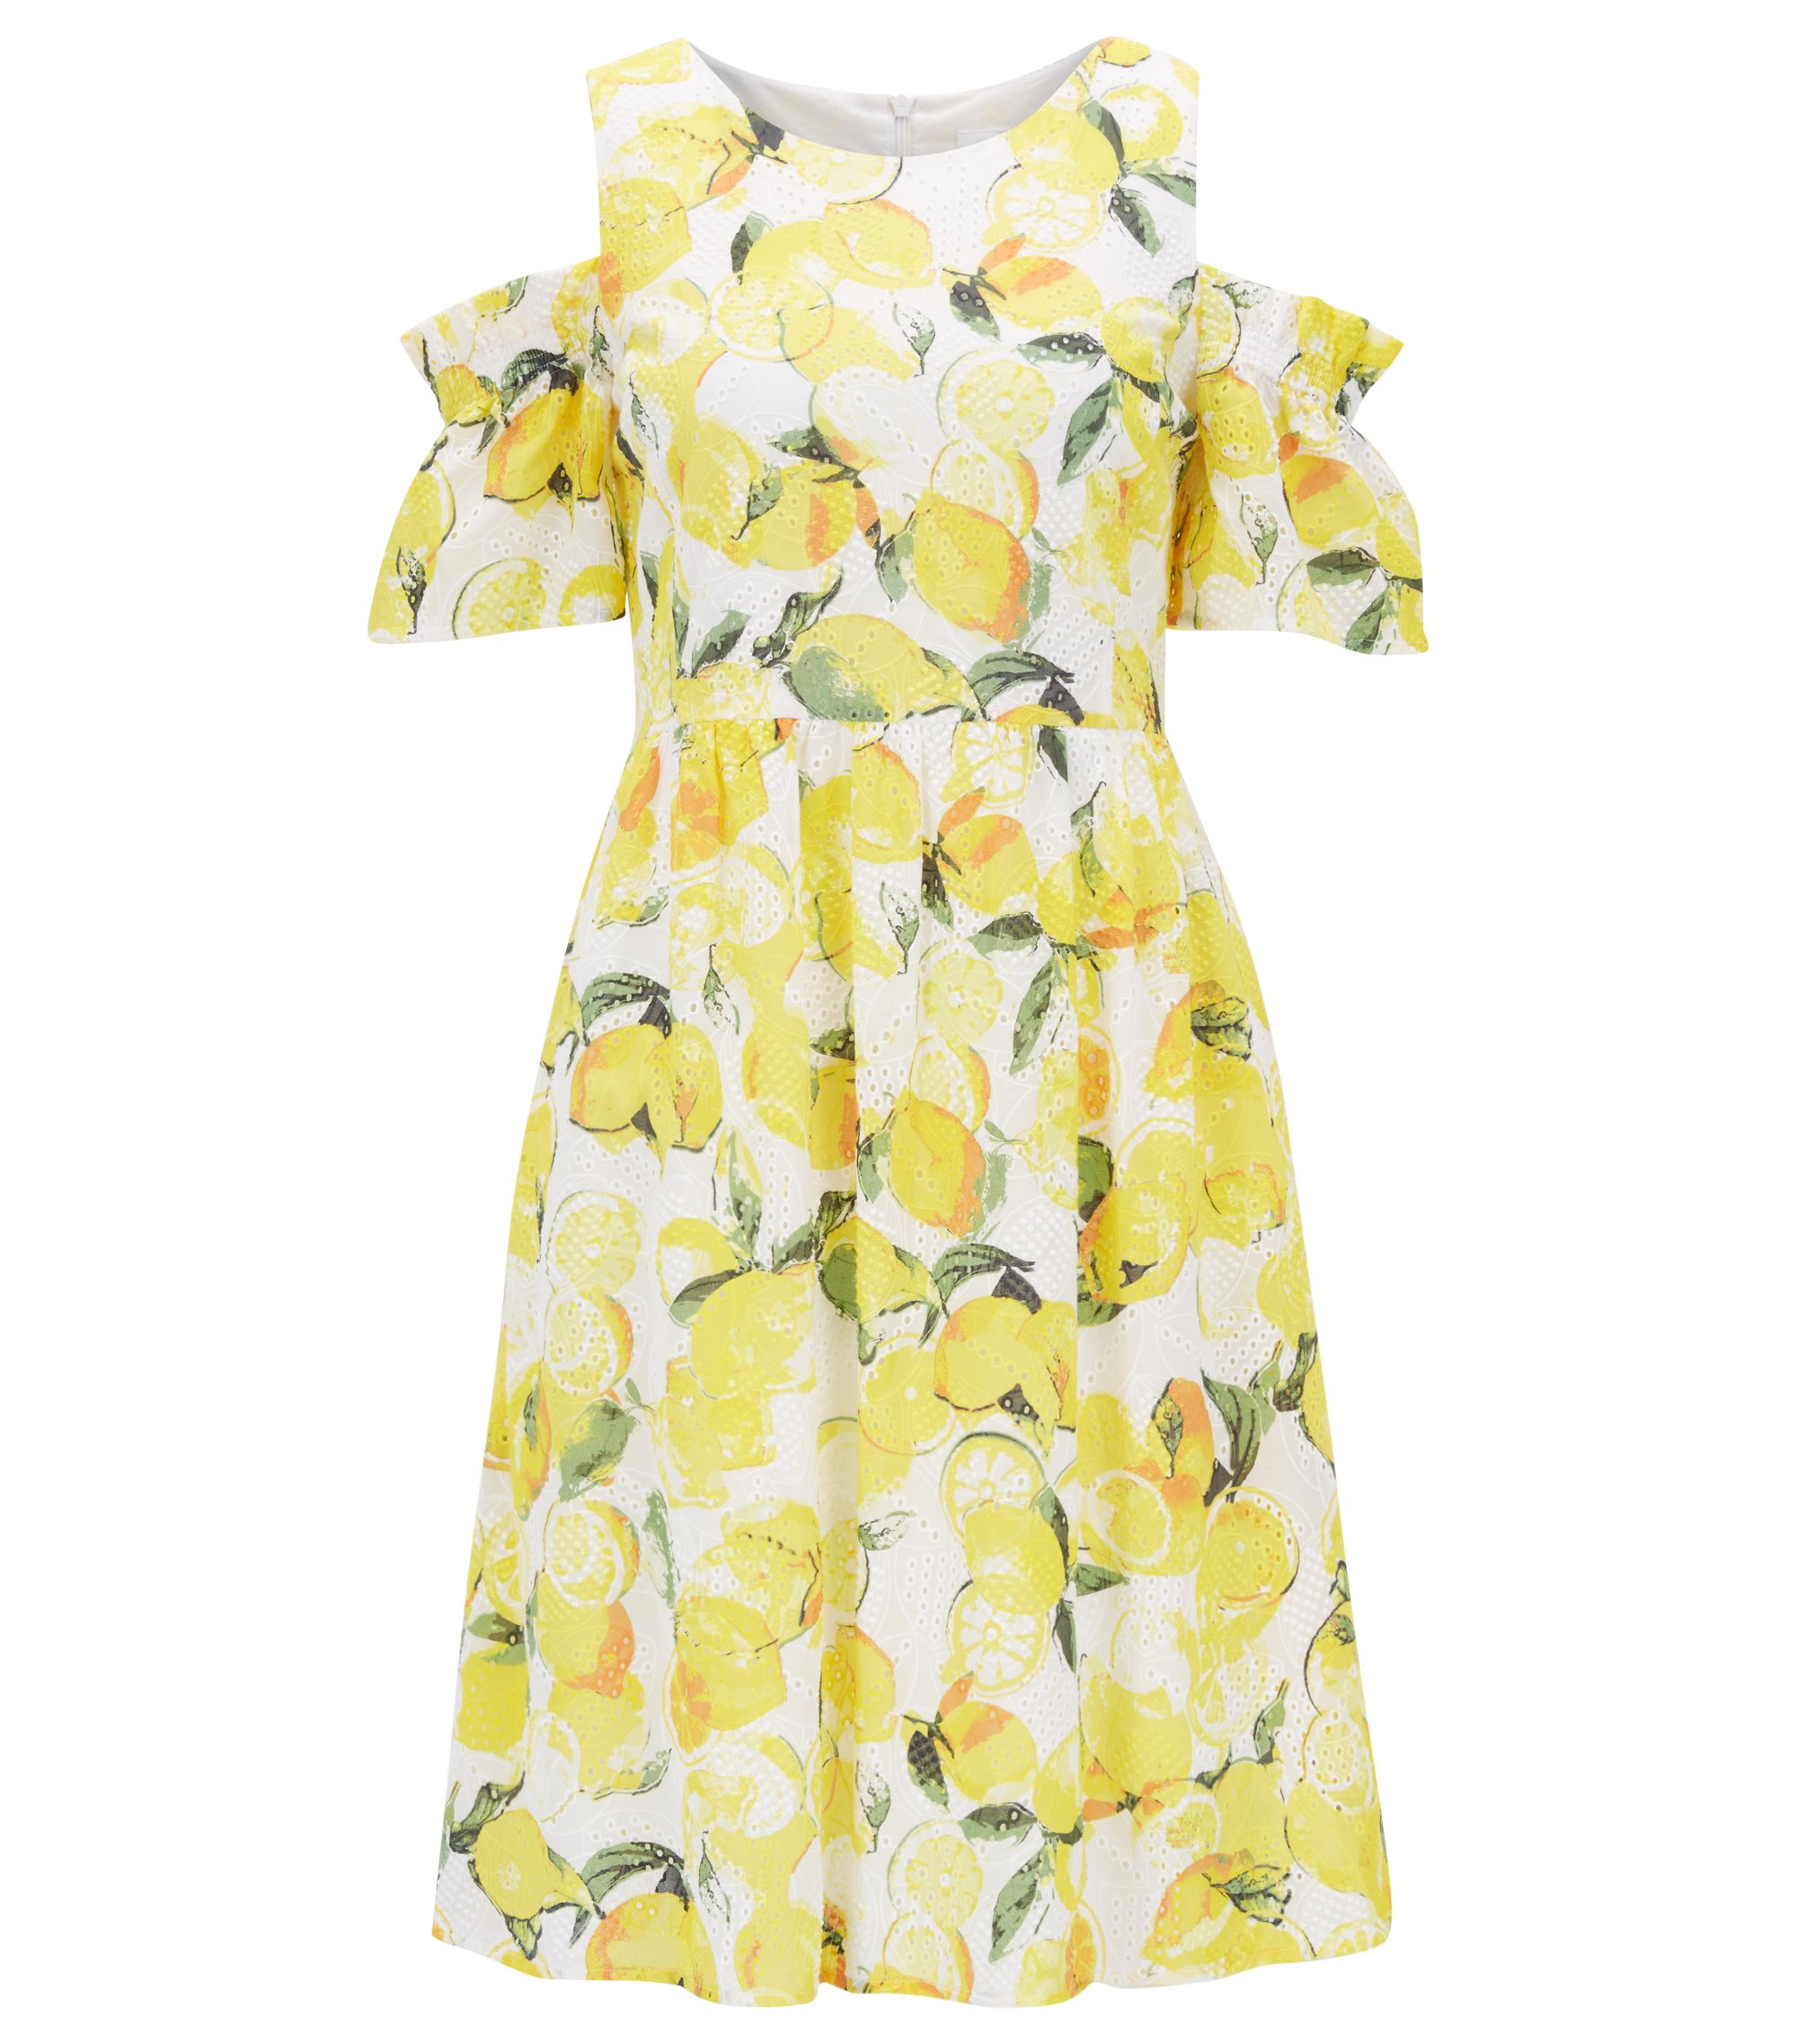 Vestido de algodón con bordado inglés y estampado de limones, Fantasía